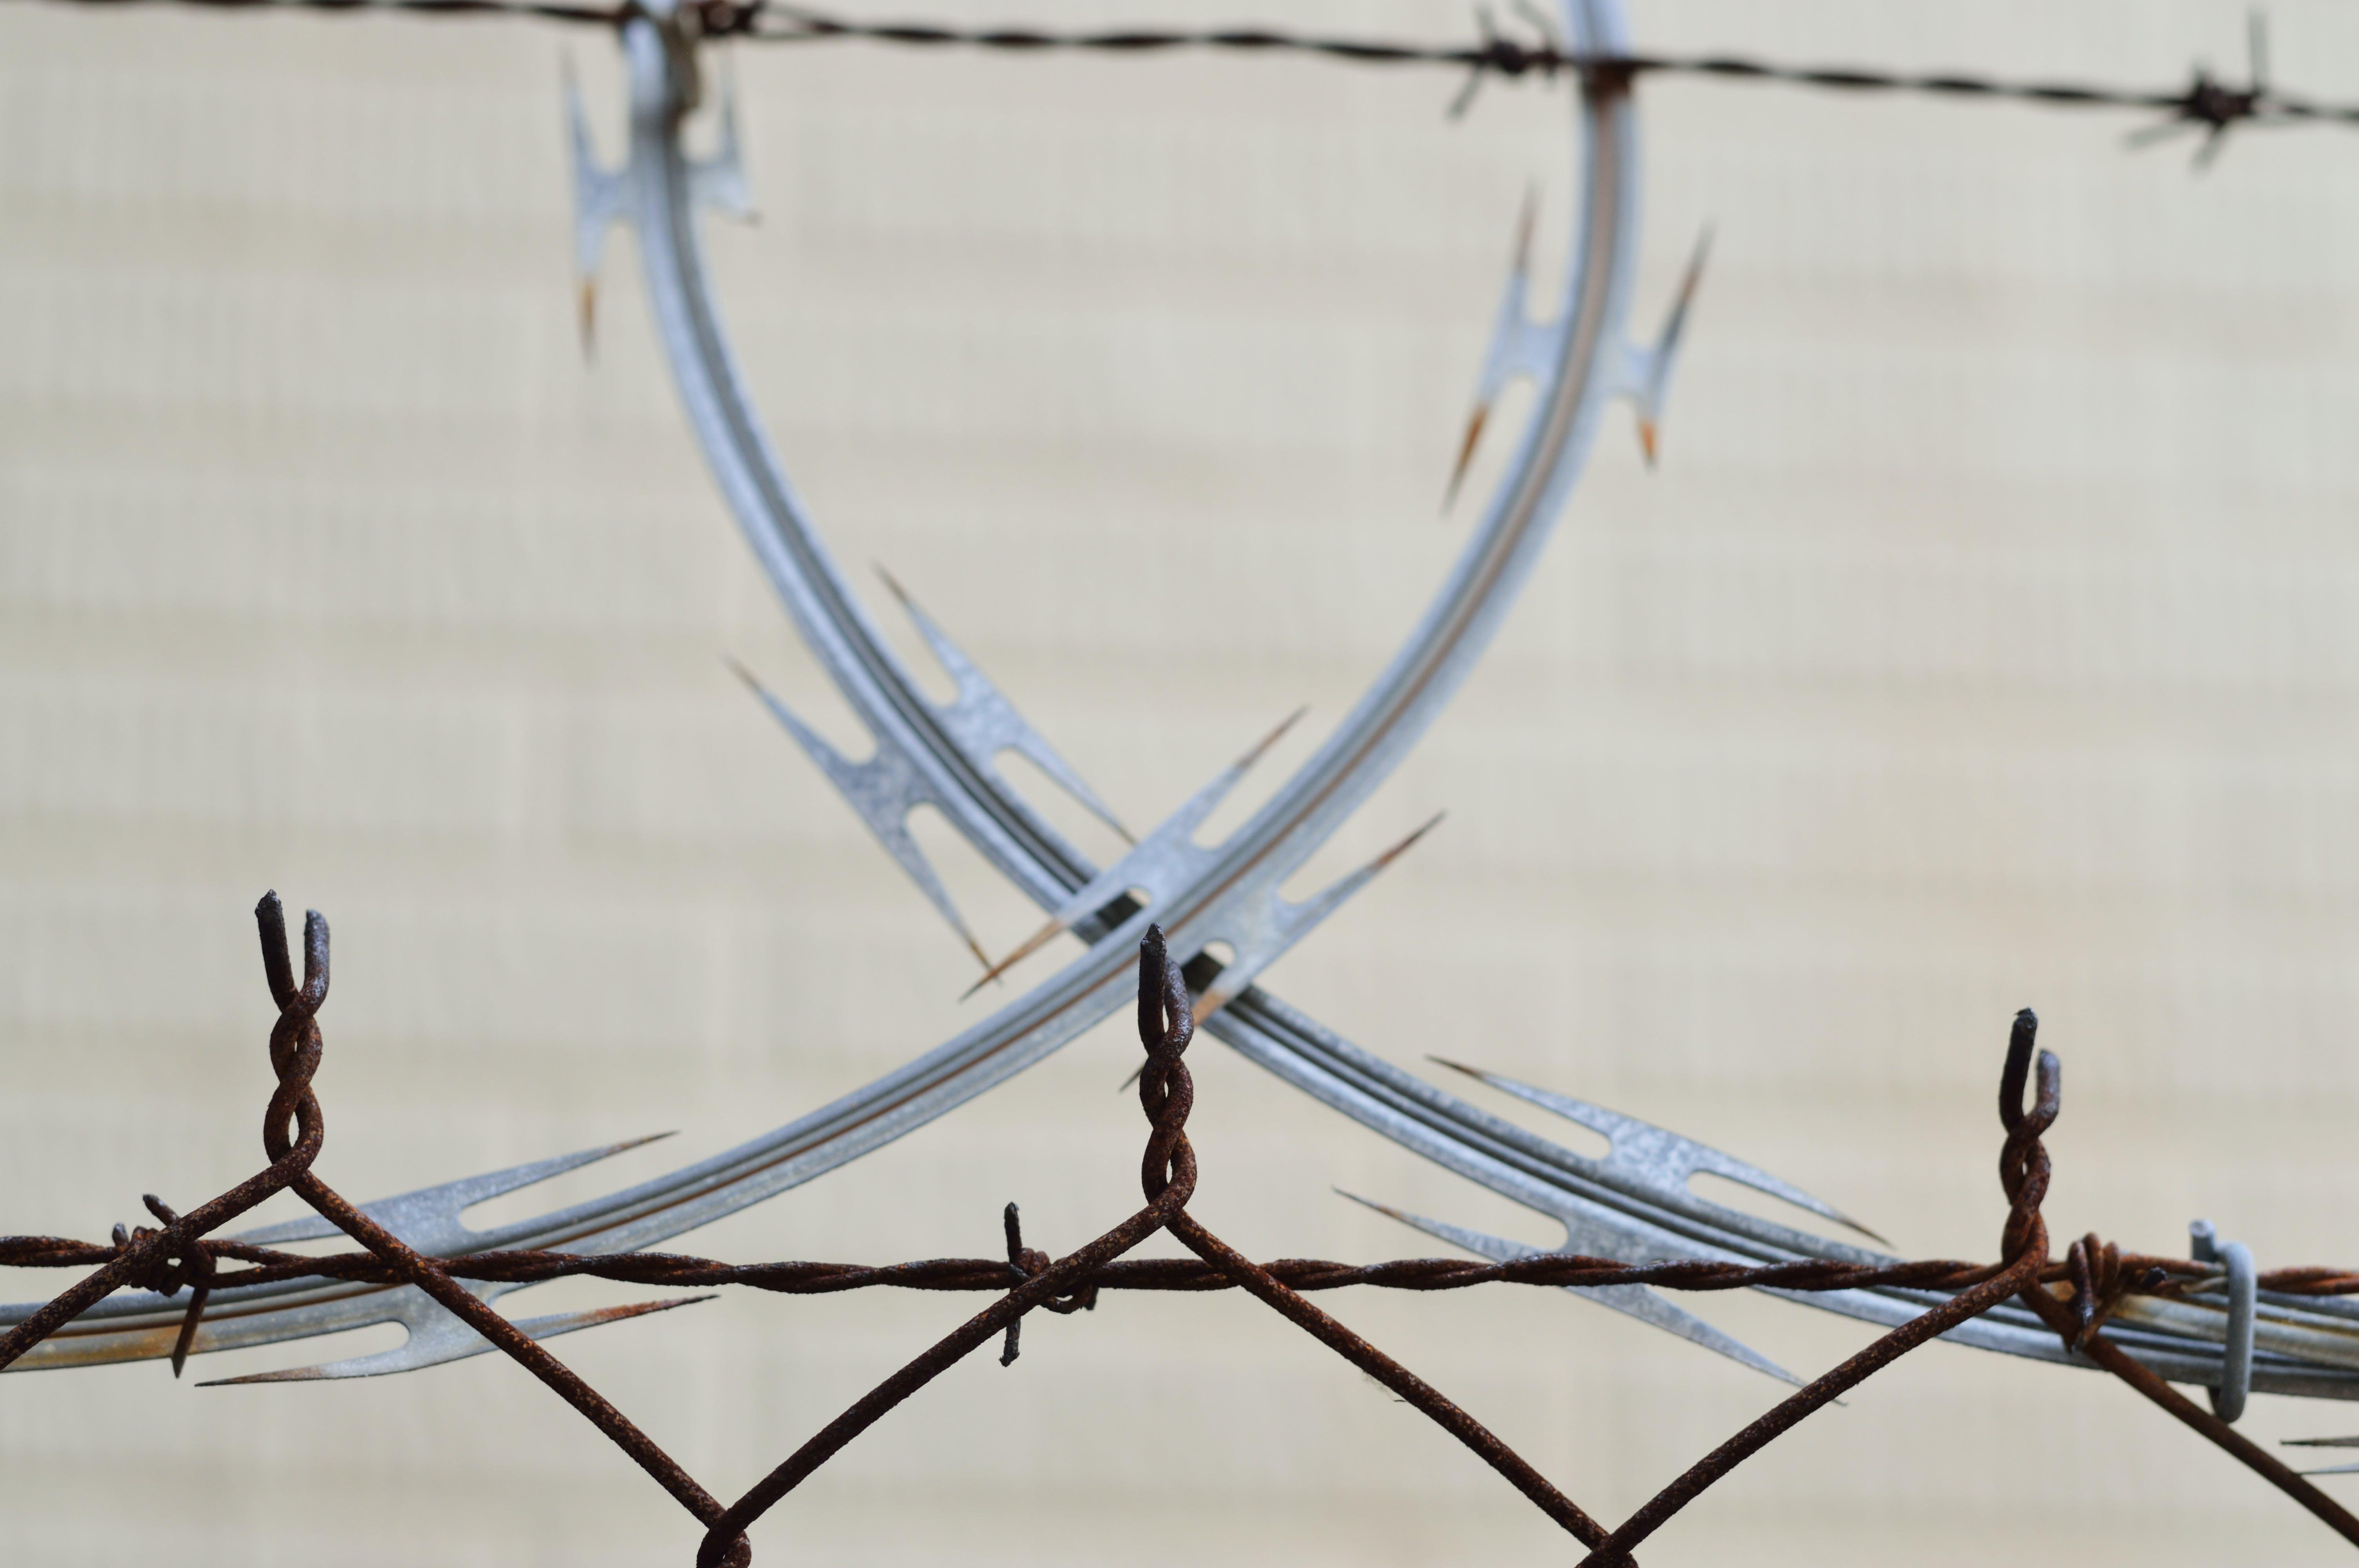 barbed wire, barrier, blur